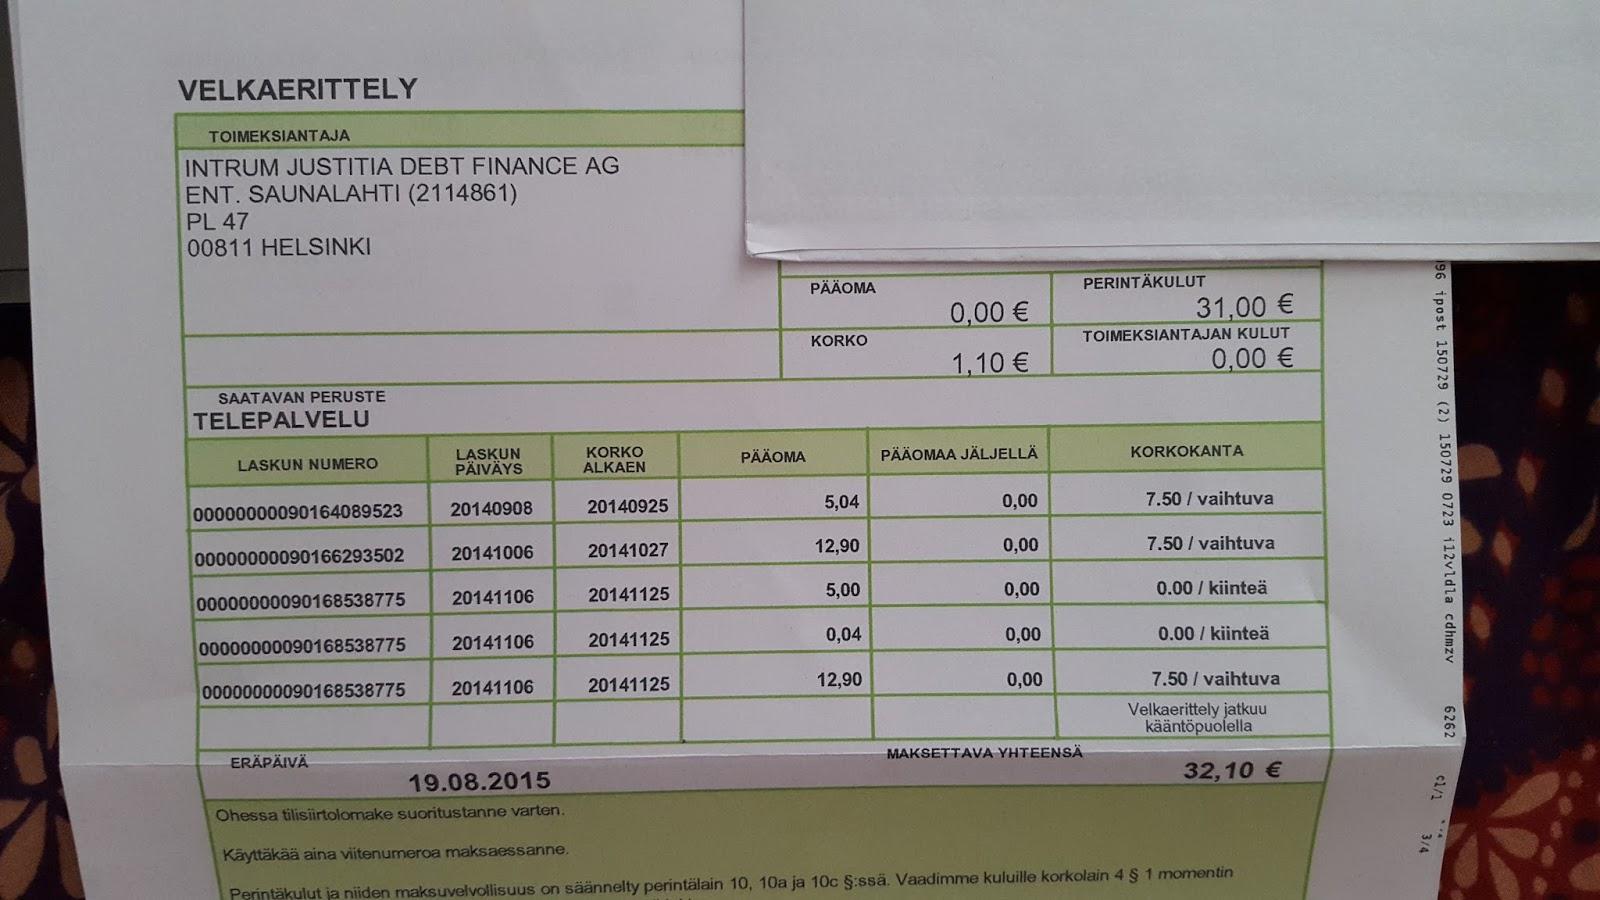 Myyntivoittovero kesämökki